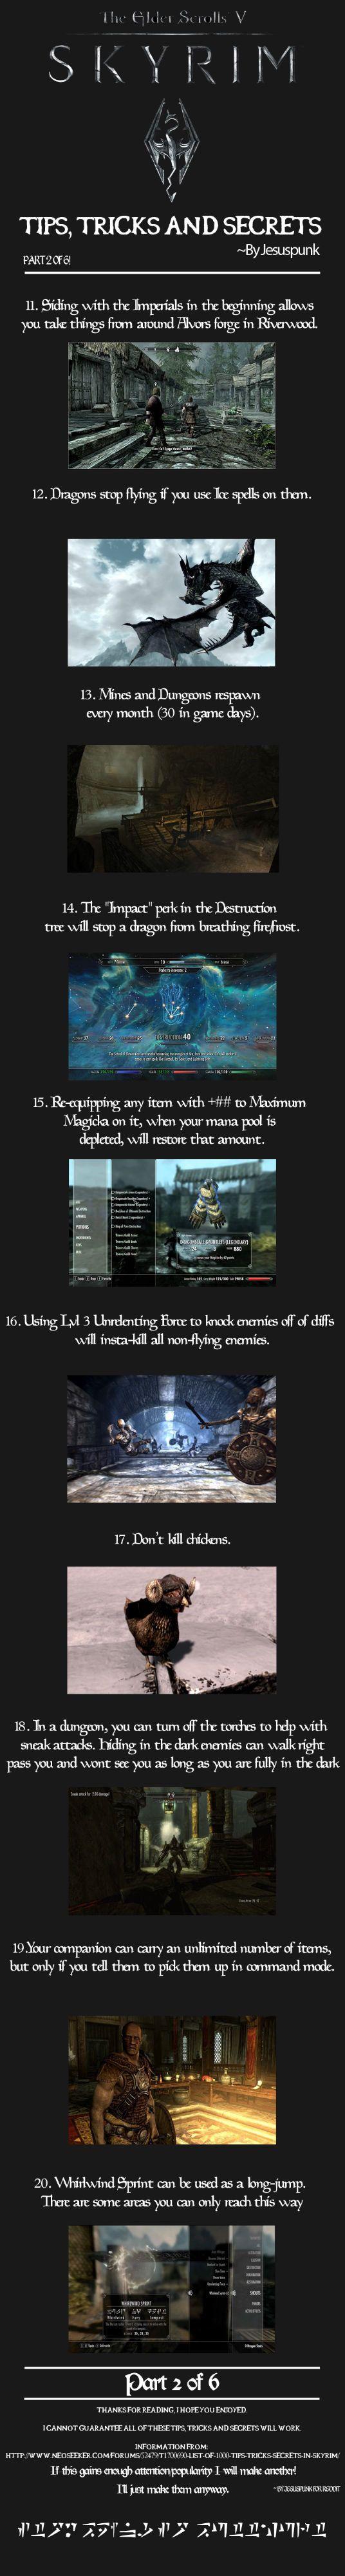 Skyrim Tips Tricks And Secrets Part 2 Skyrim Scrolls